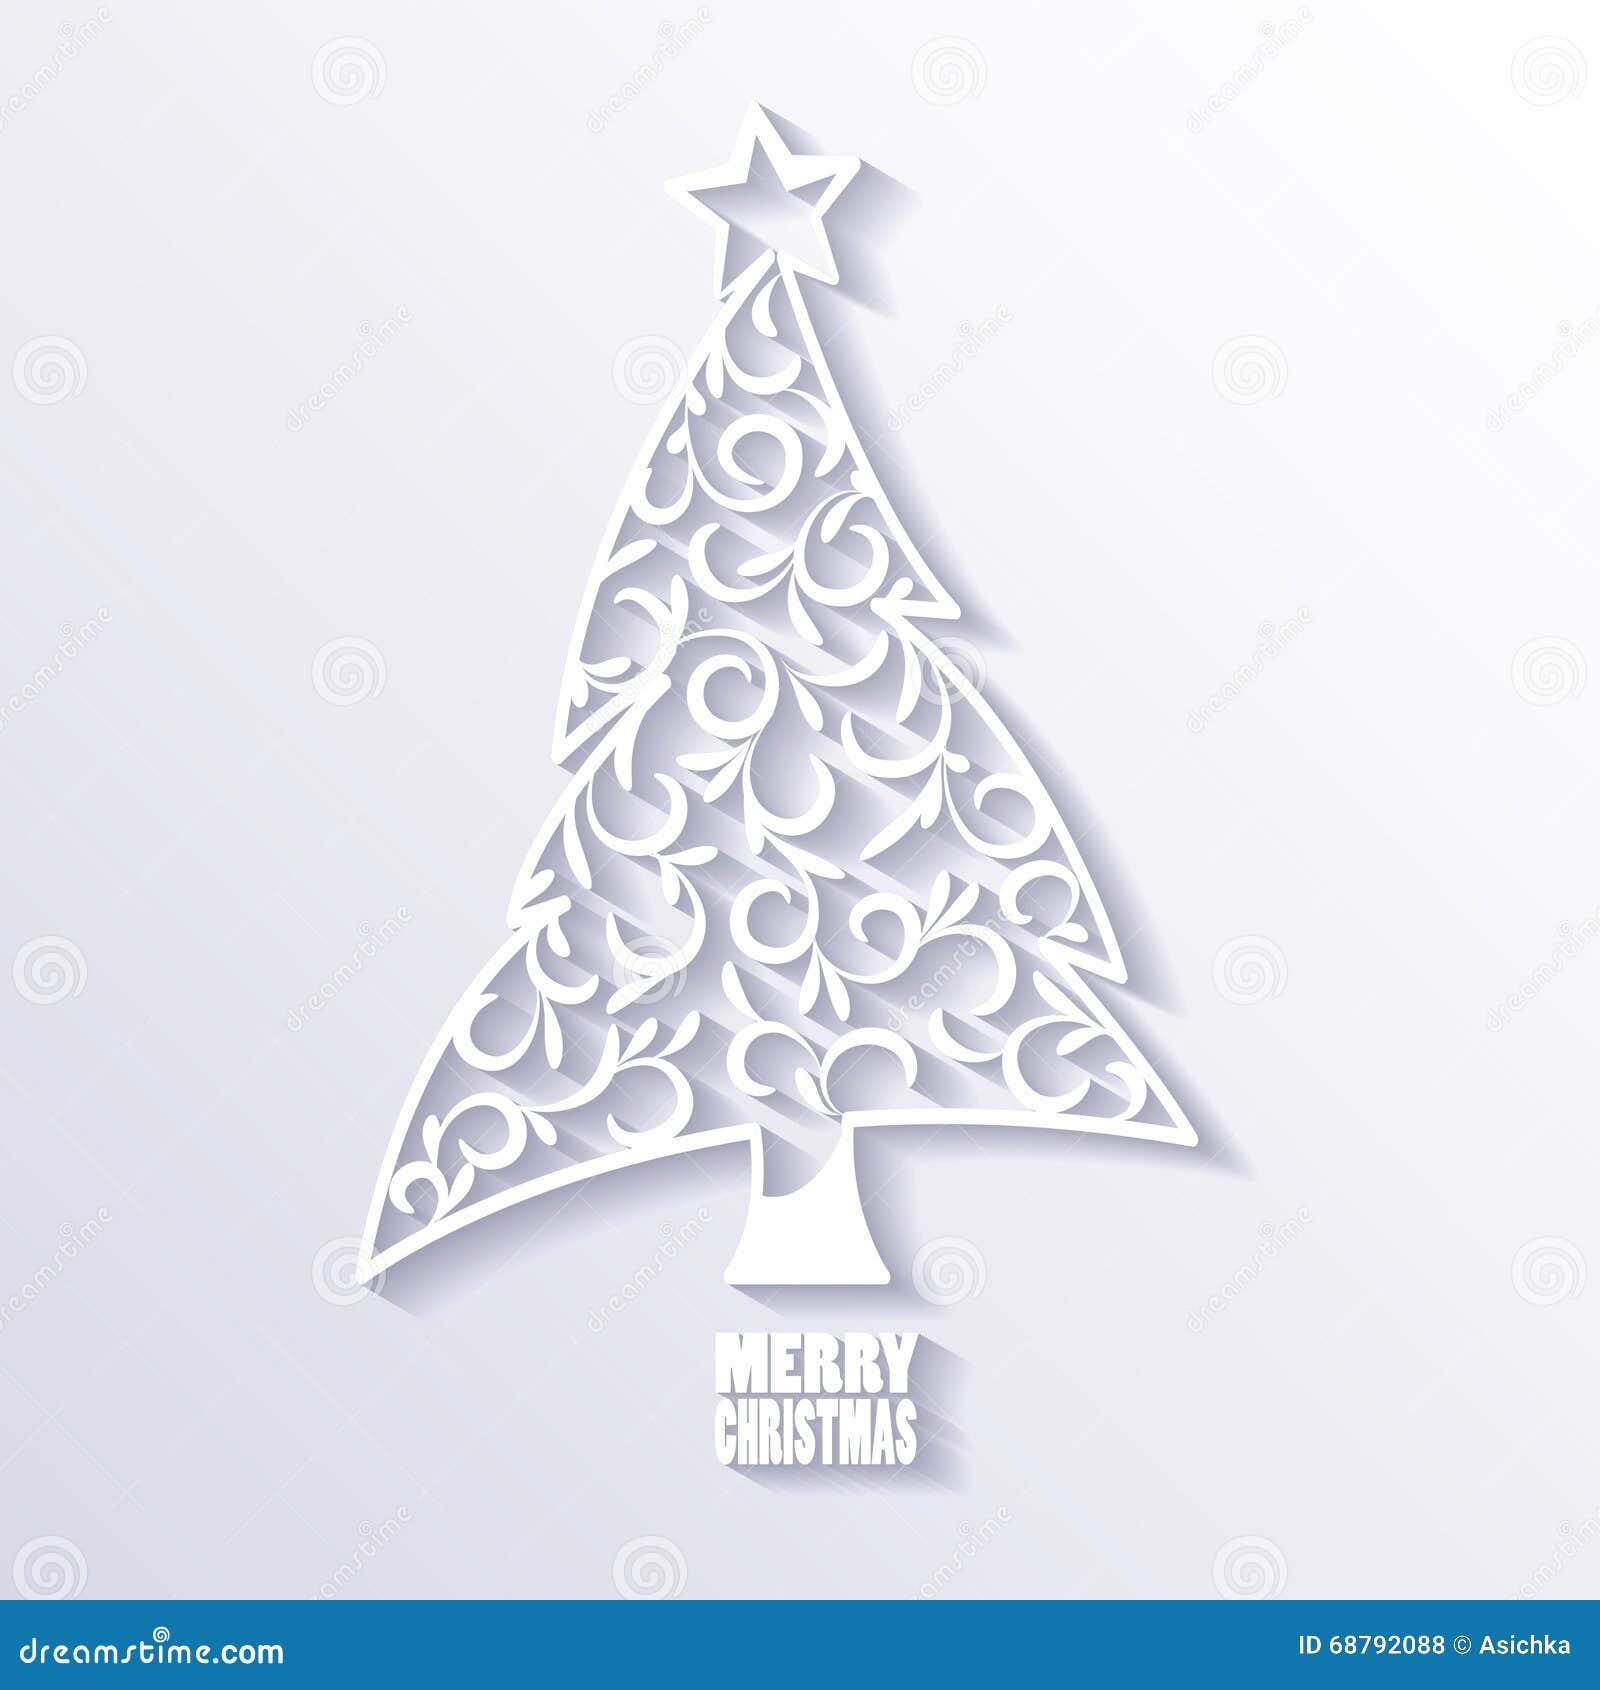 rbol de navidad blanco en el fondo blanco diseo plano stock de ilustracin